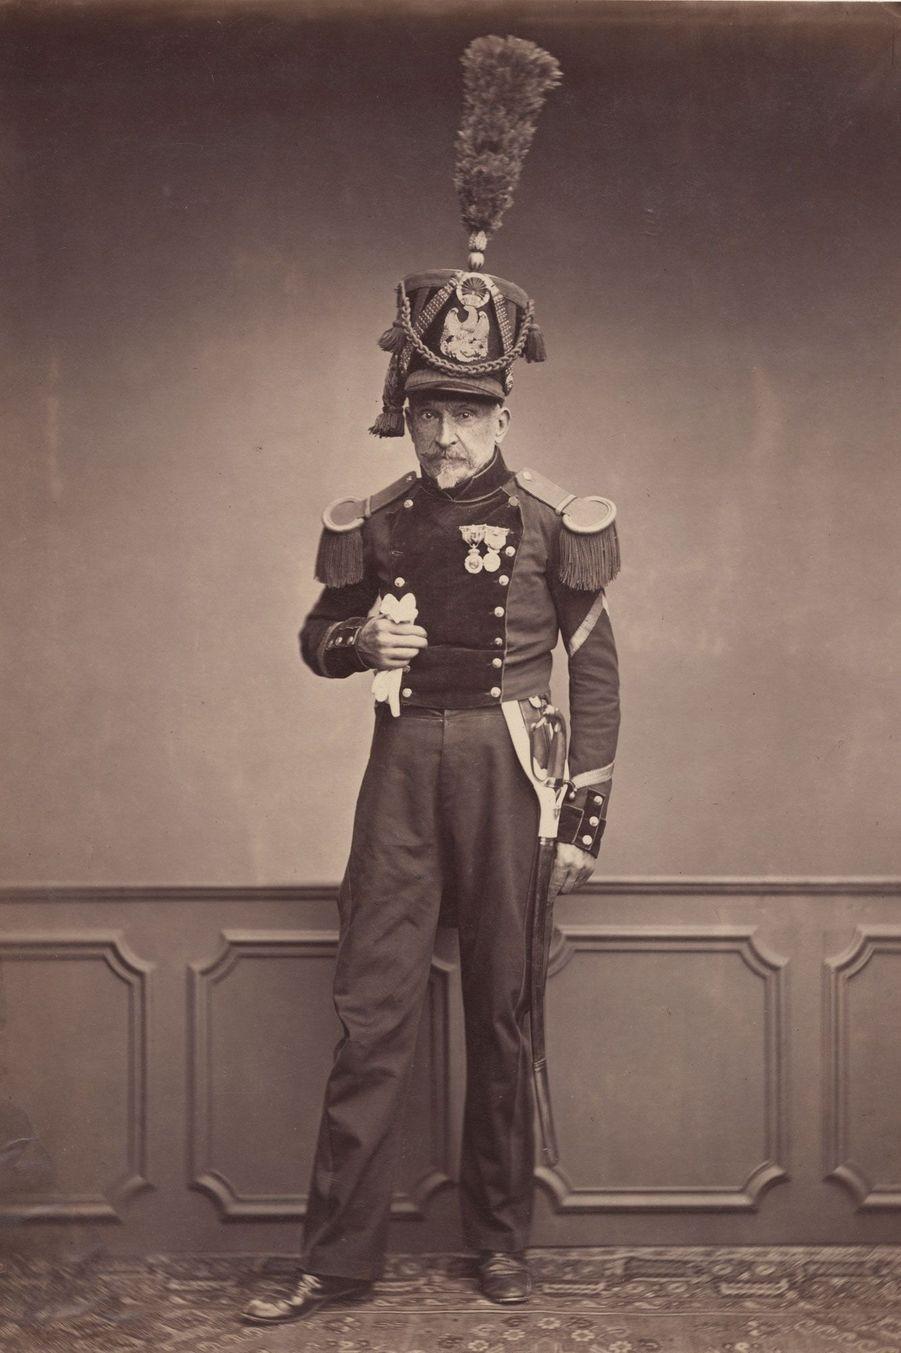 L'officier du génie. Ici, Monsieur Lefebre, du 2ème régiment de génie, porte une tenue d'officier et un shako à plumet orné de l'aigle impéri...